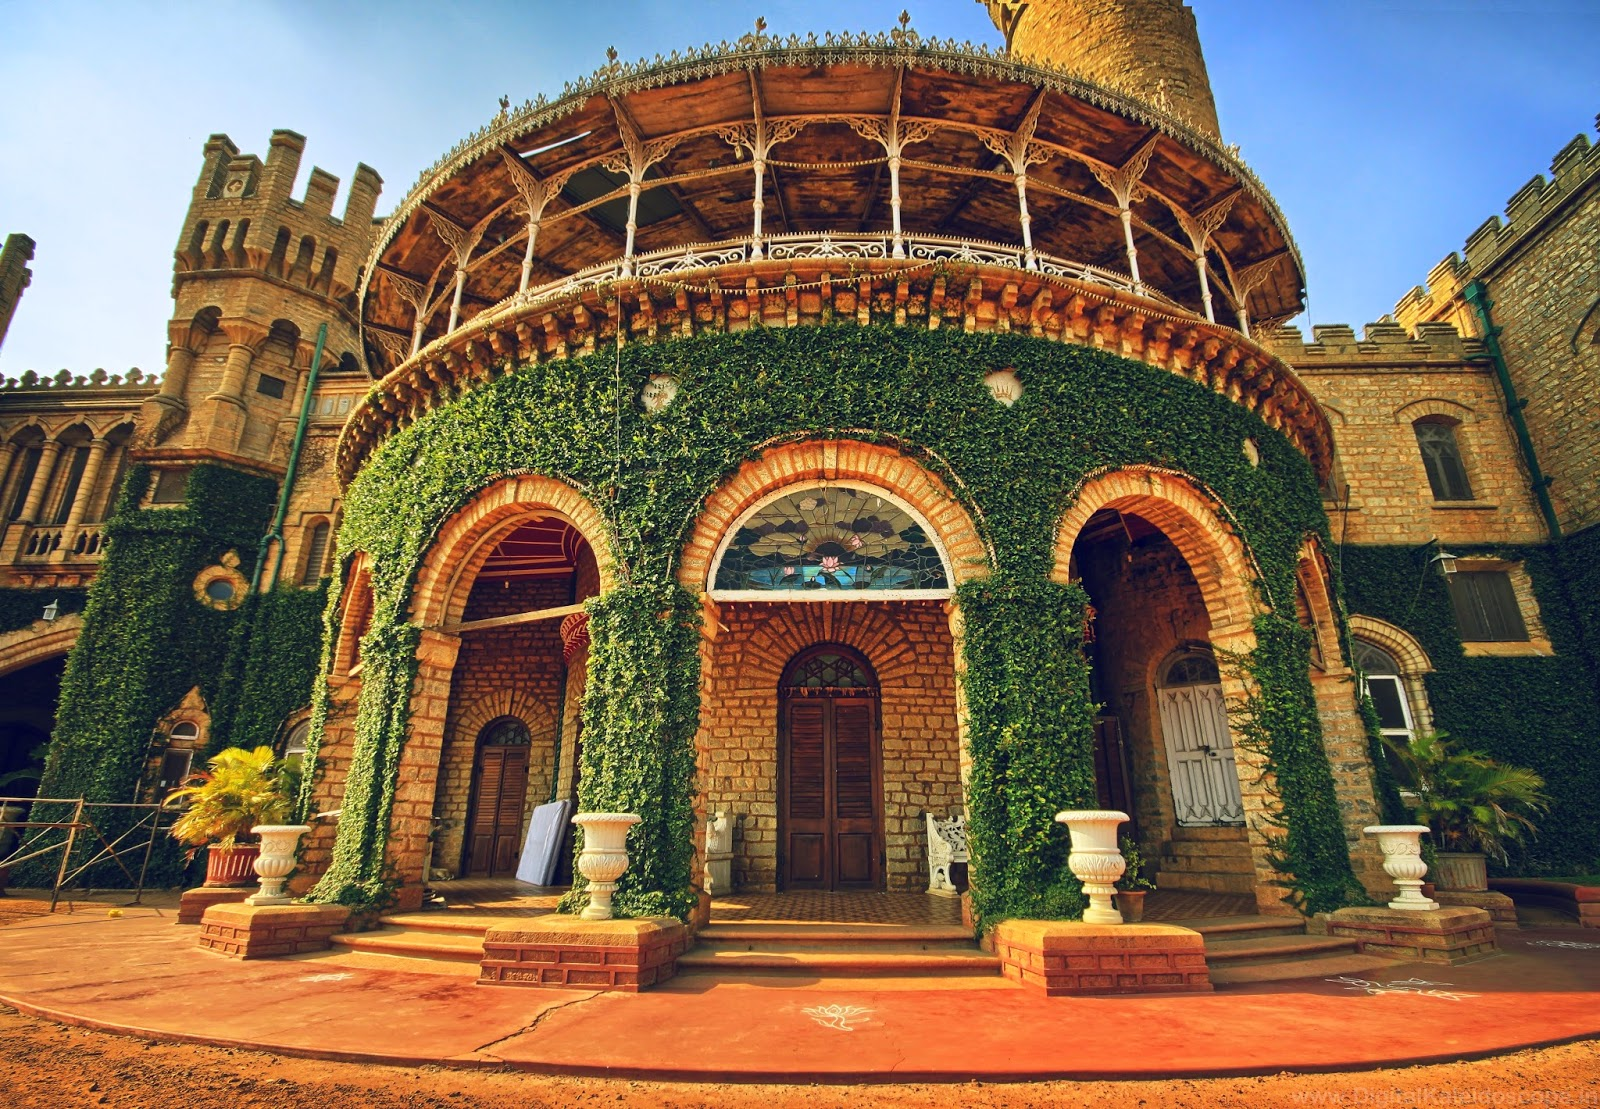 The grand bangalore palace digitalkaleidoscope for Design4 architects bangalore